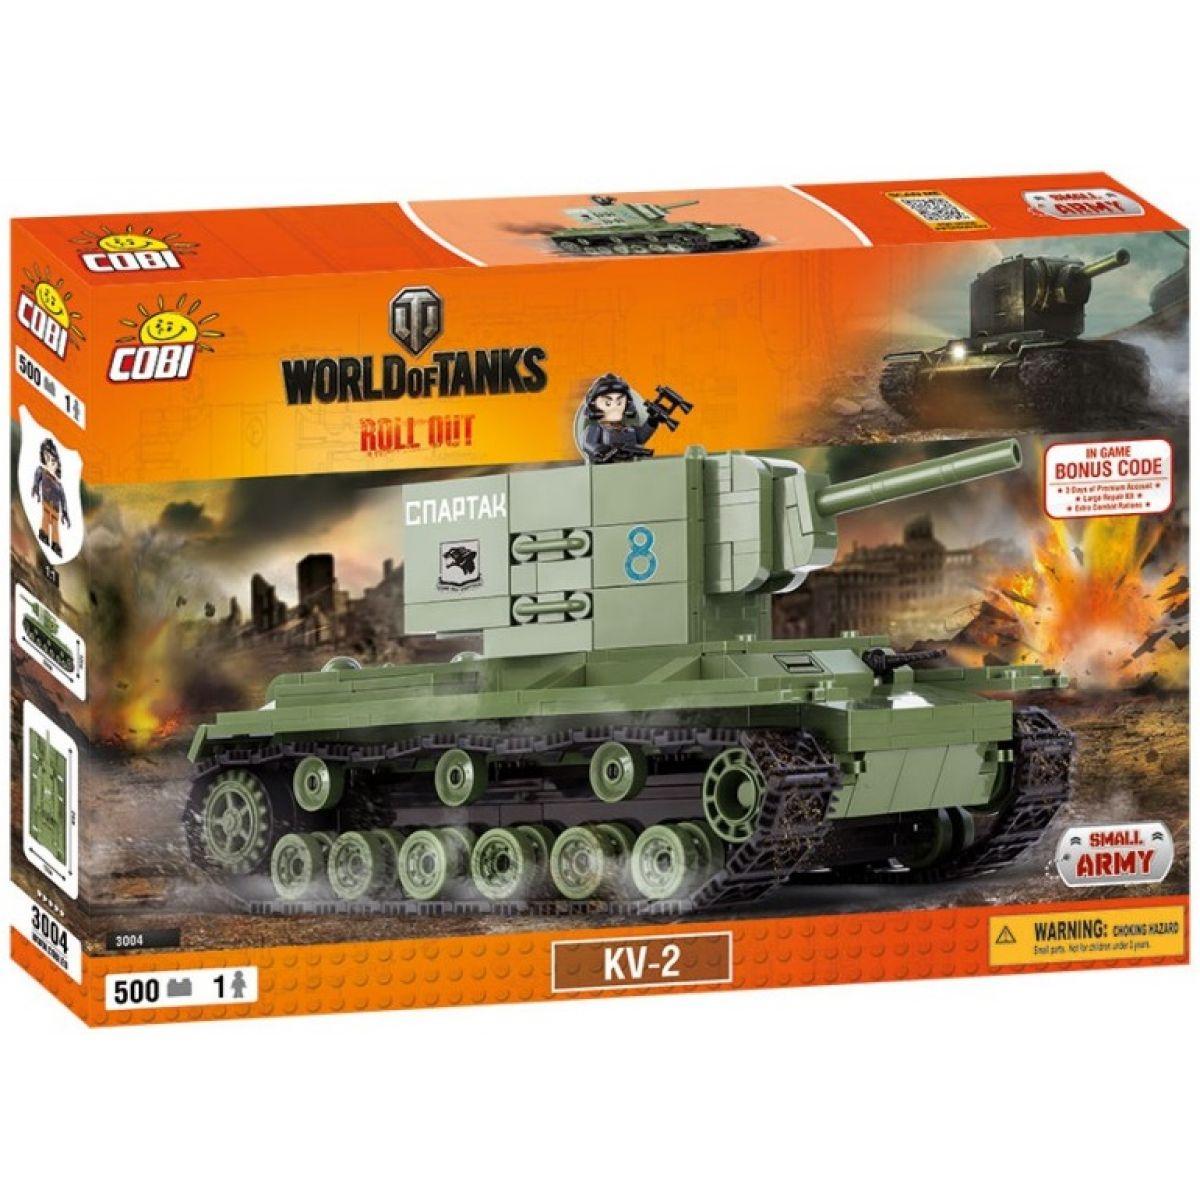 Cobi Malá armáda 3004 World of Tanks KV-2